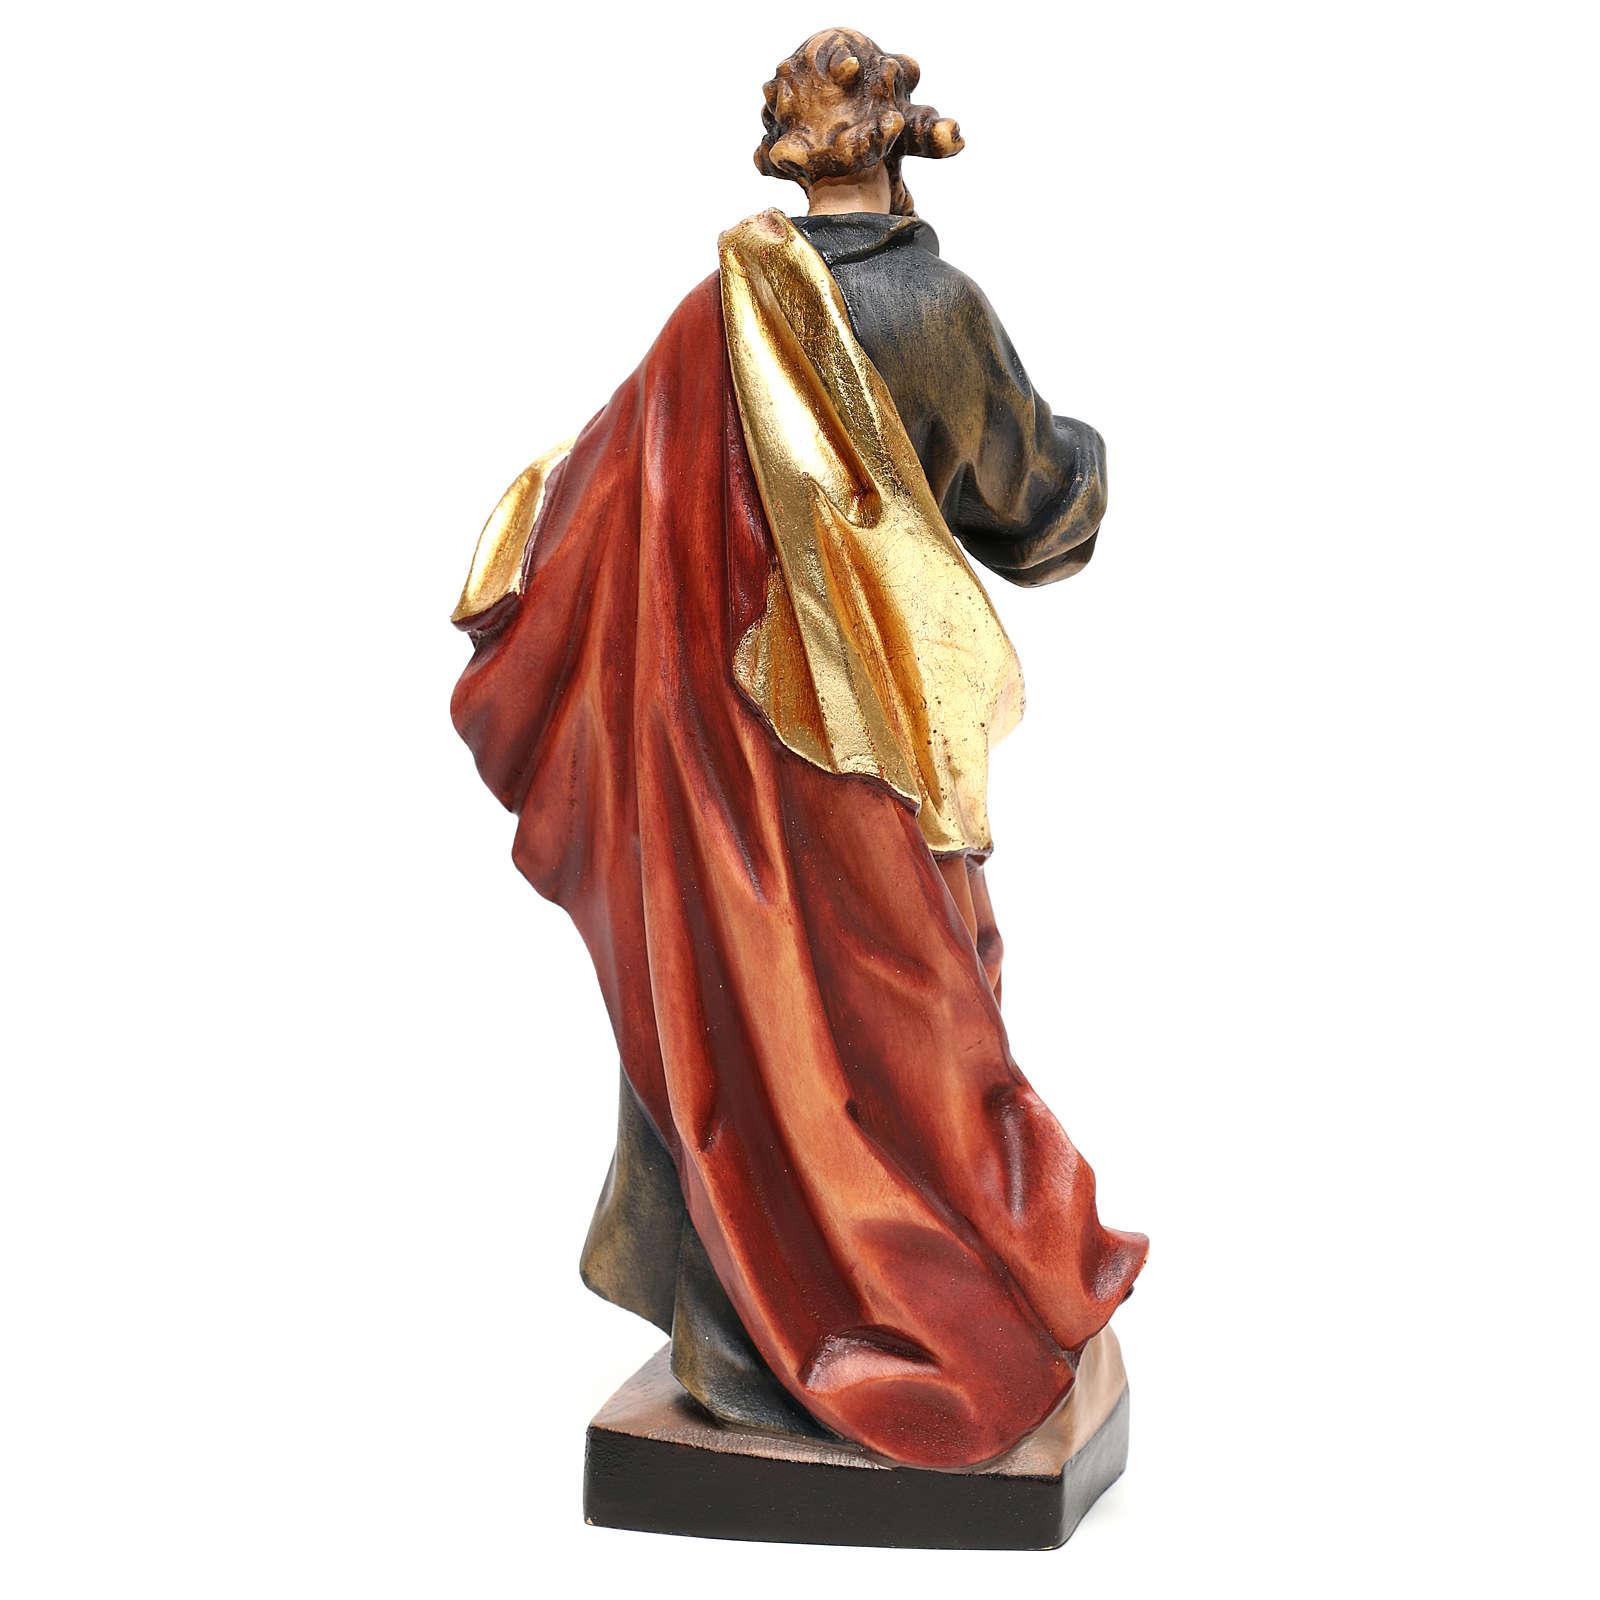 San Mateo de madera pintada, trajes color azul, oro y rojo 4